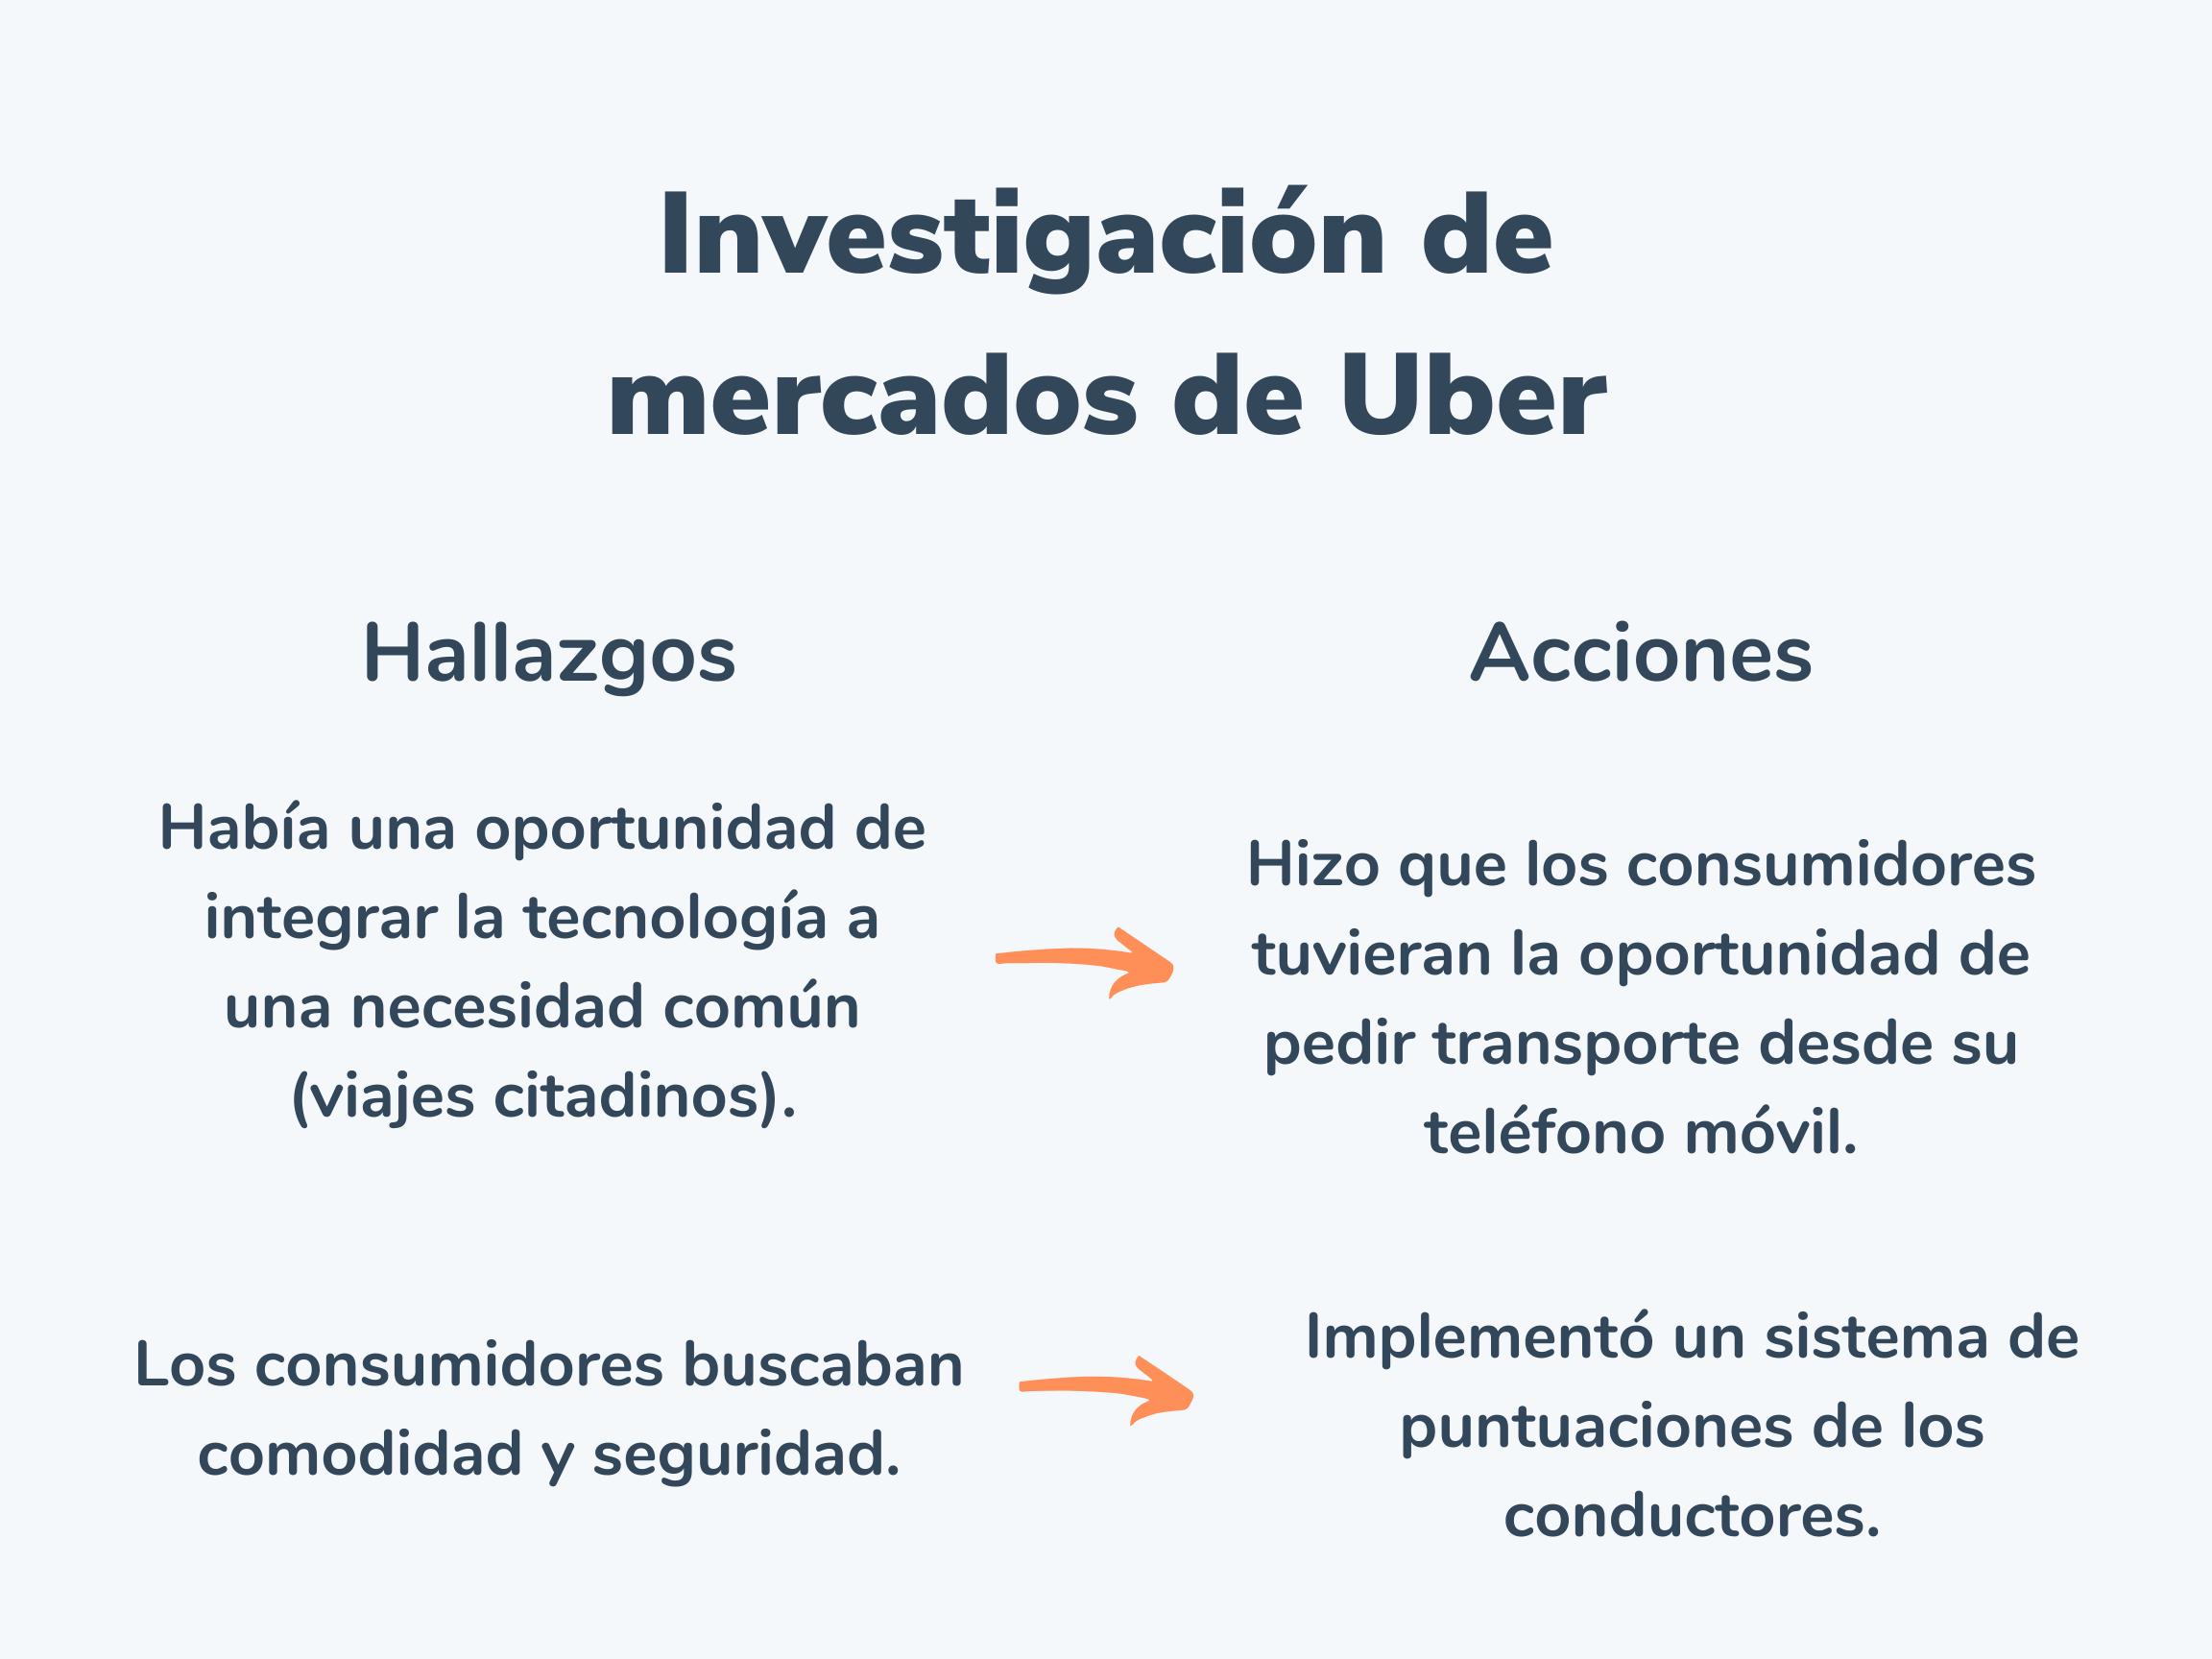 Ejemplo de análisis de mercados de Uber